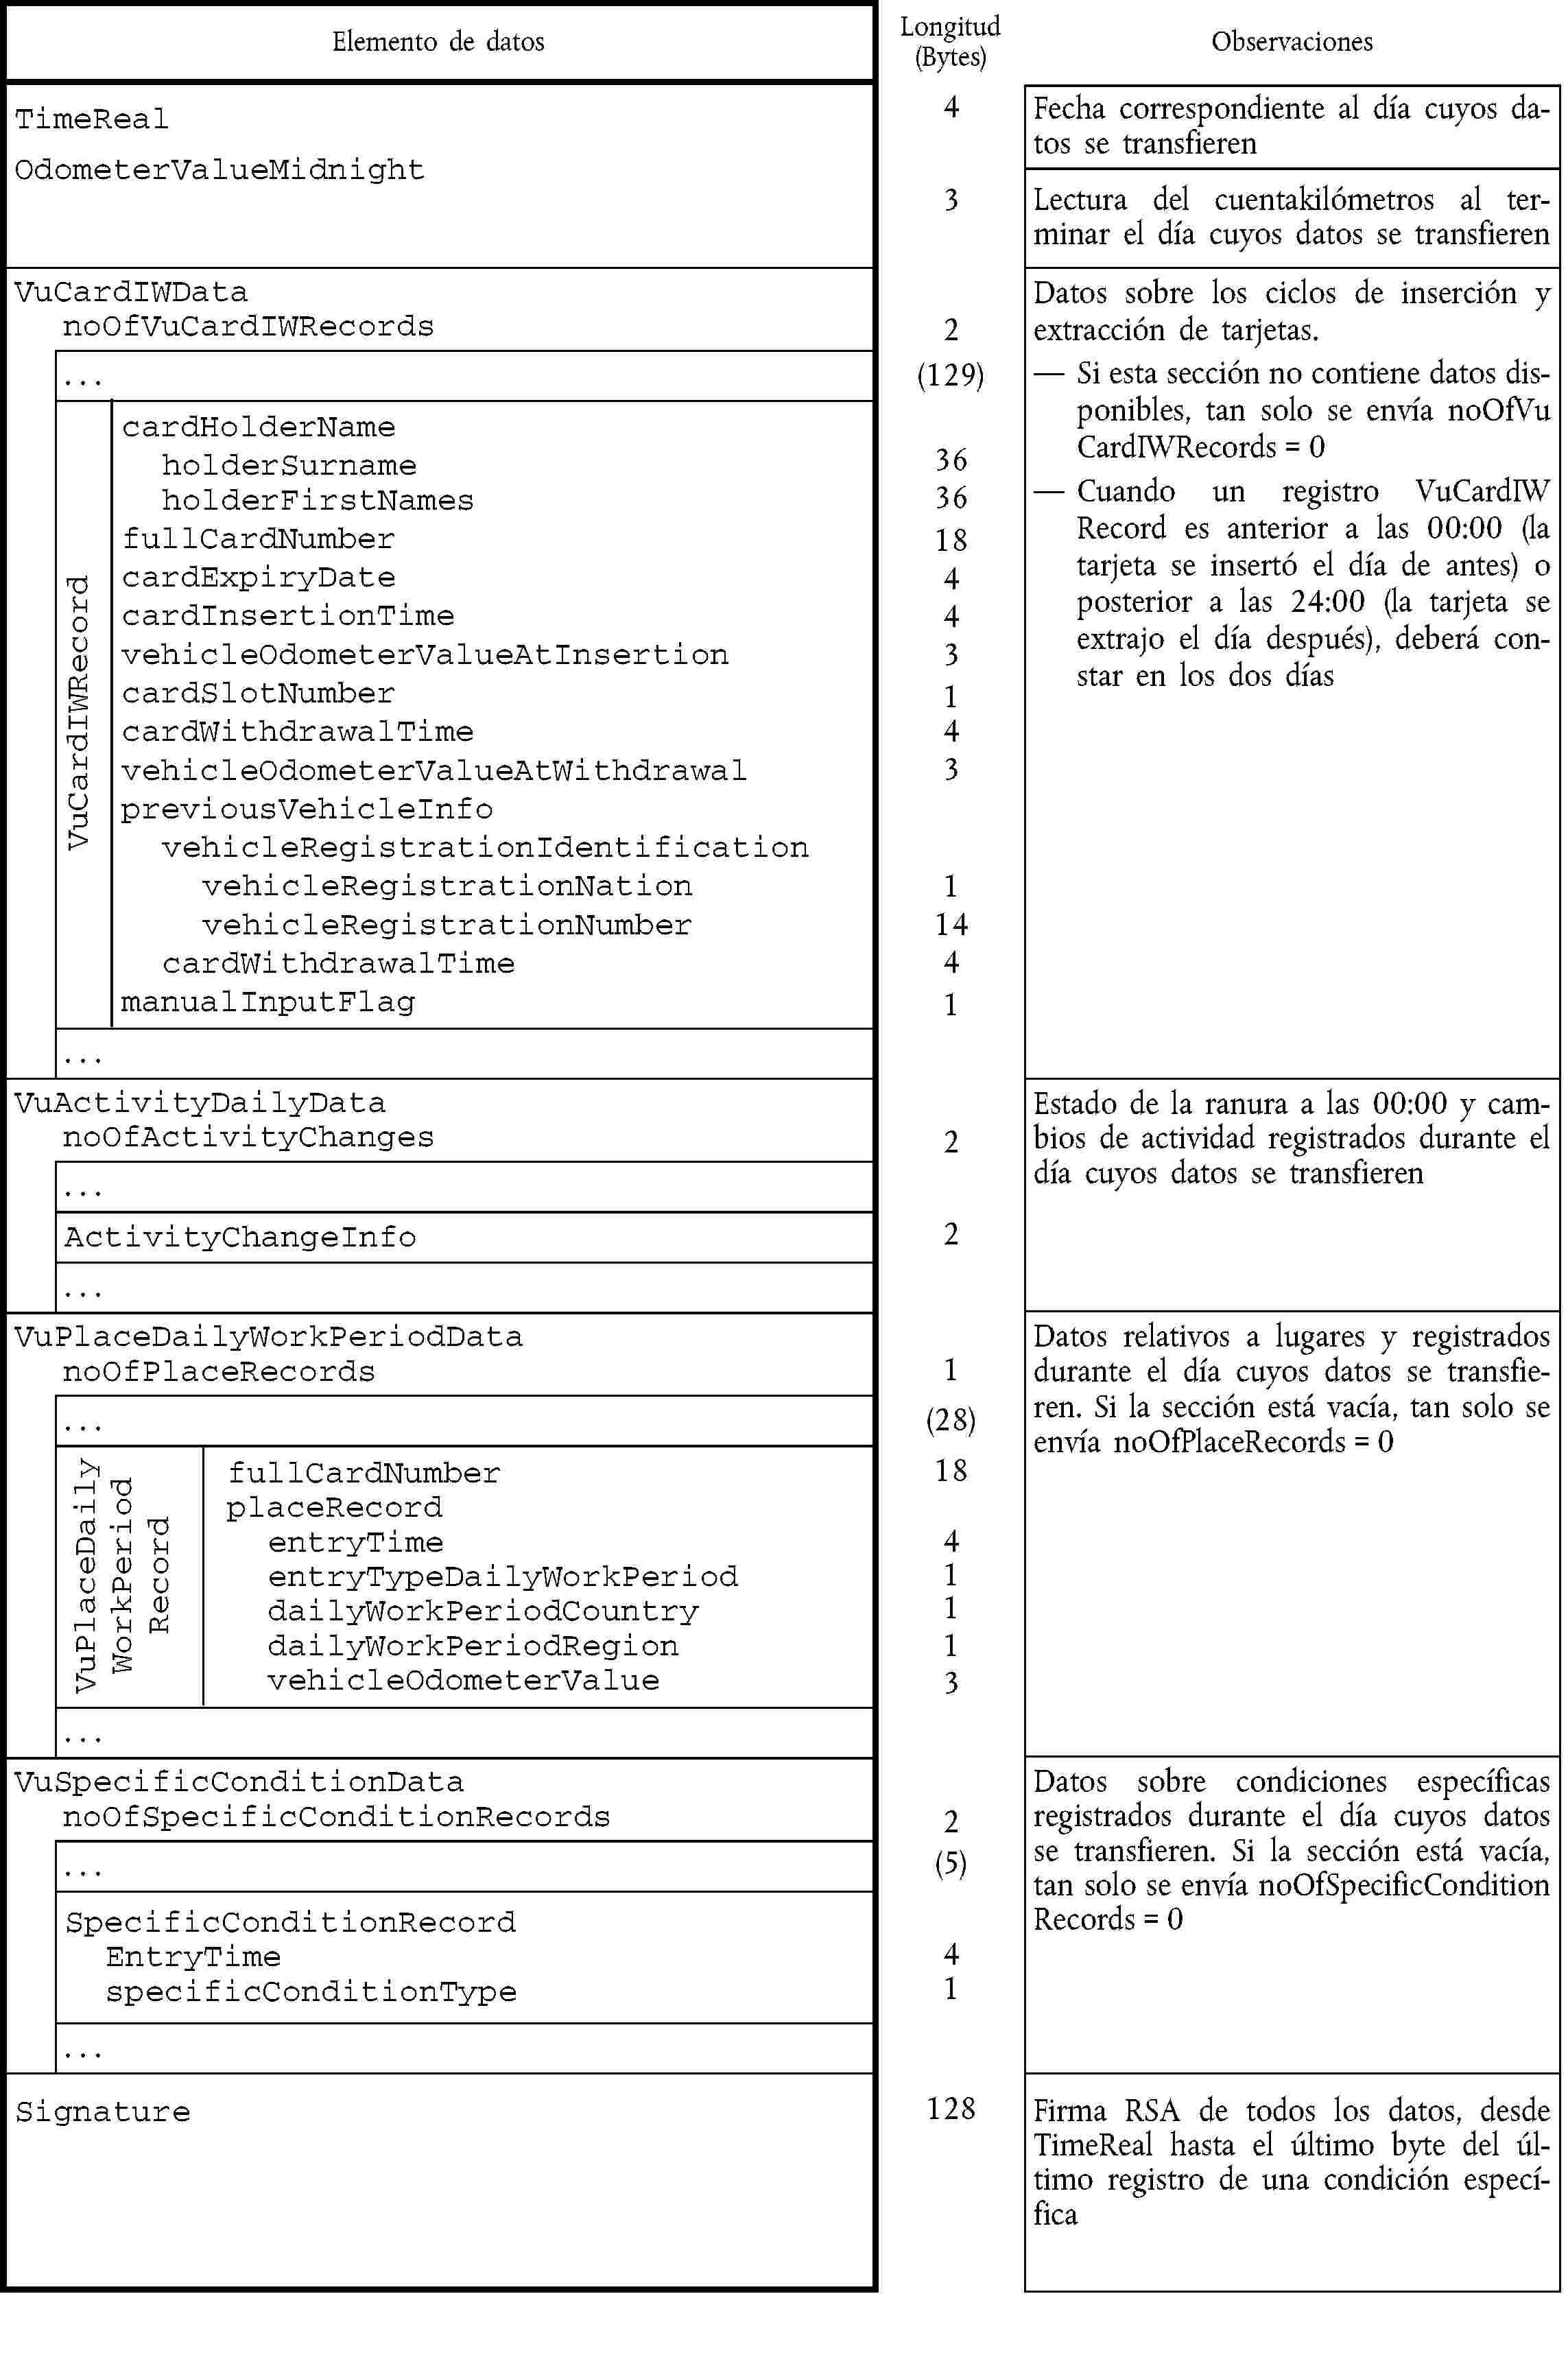 Calendario Para Imprimir Abril Actual Eur Lex R3821 Es Eur Lex Of Calendario Para Imprimir Abril Más Caliente Texto Consolidado R3821 — Es — 01 10 2012